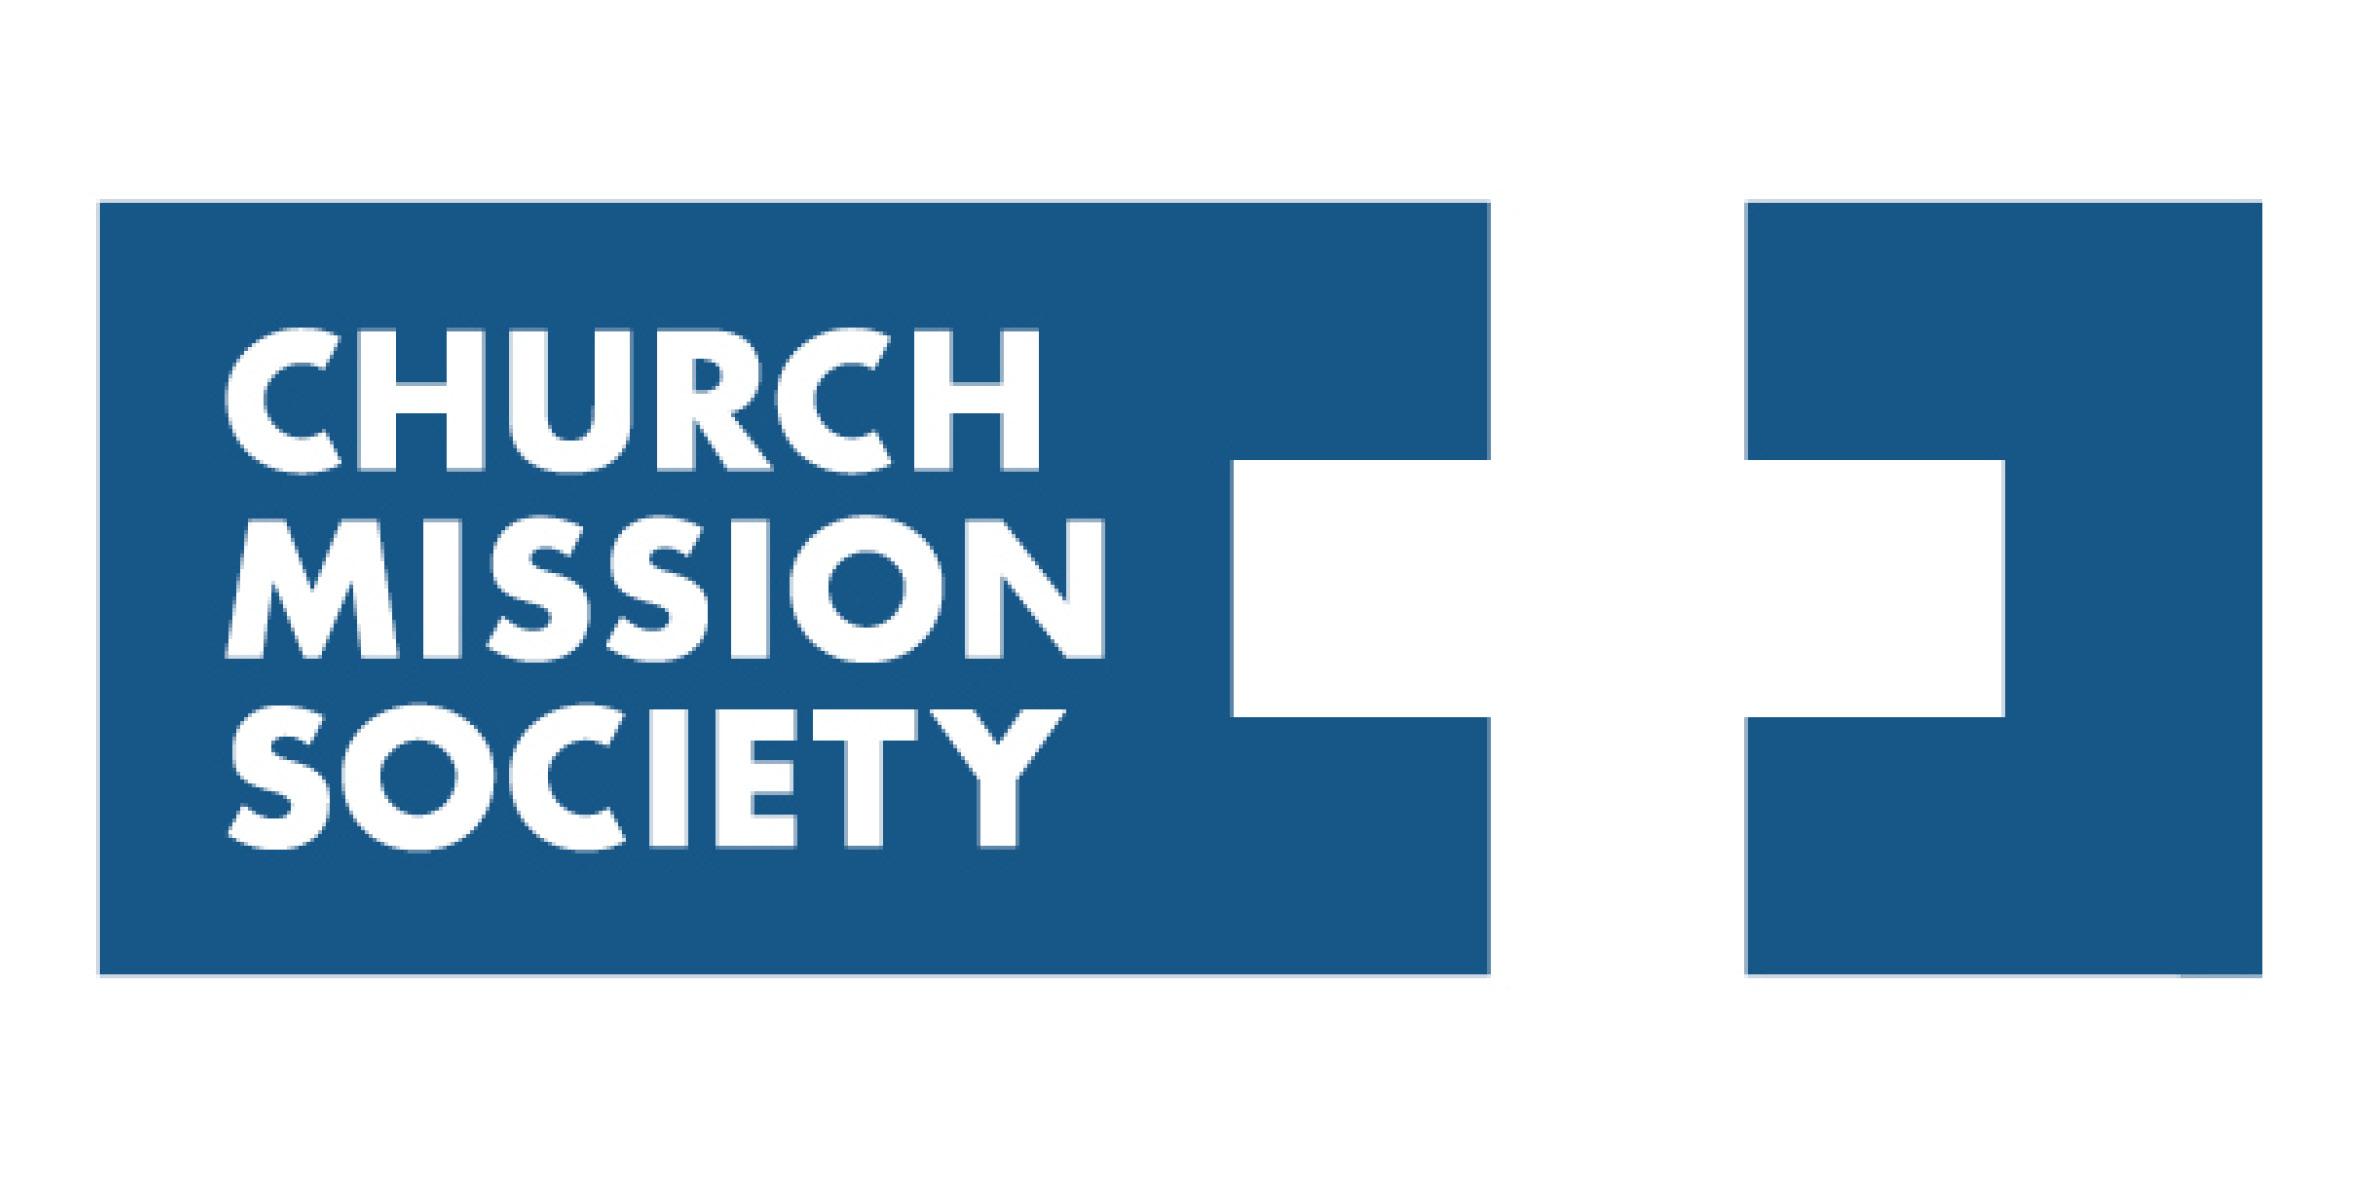 HT Mission Logos3.jpg